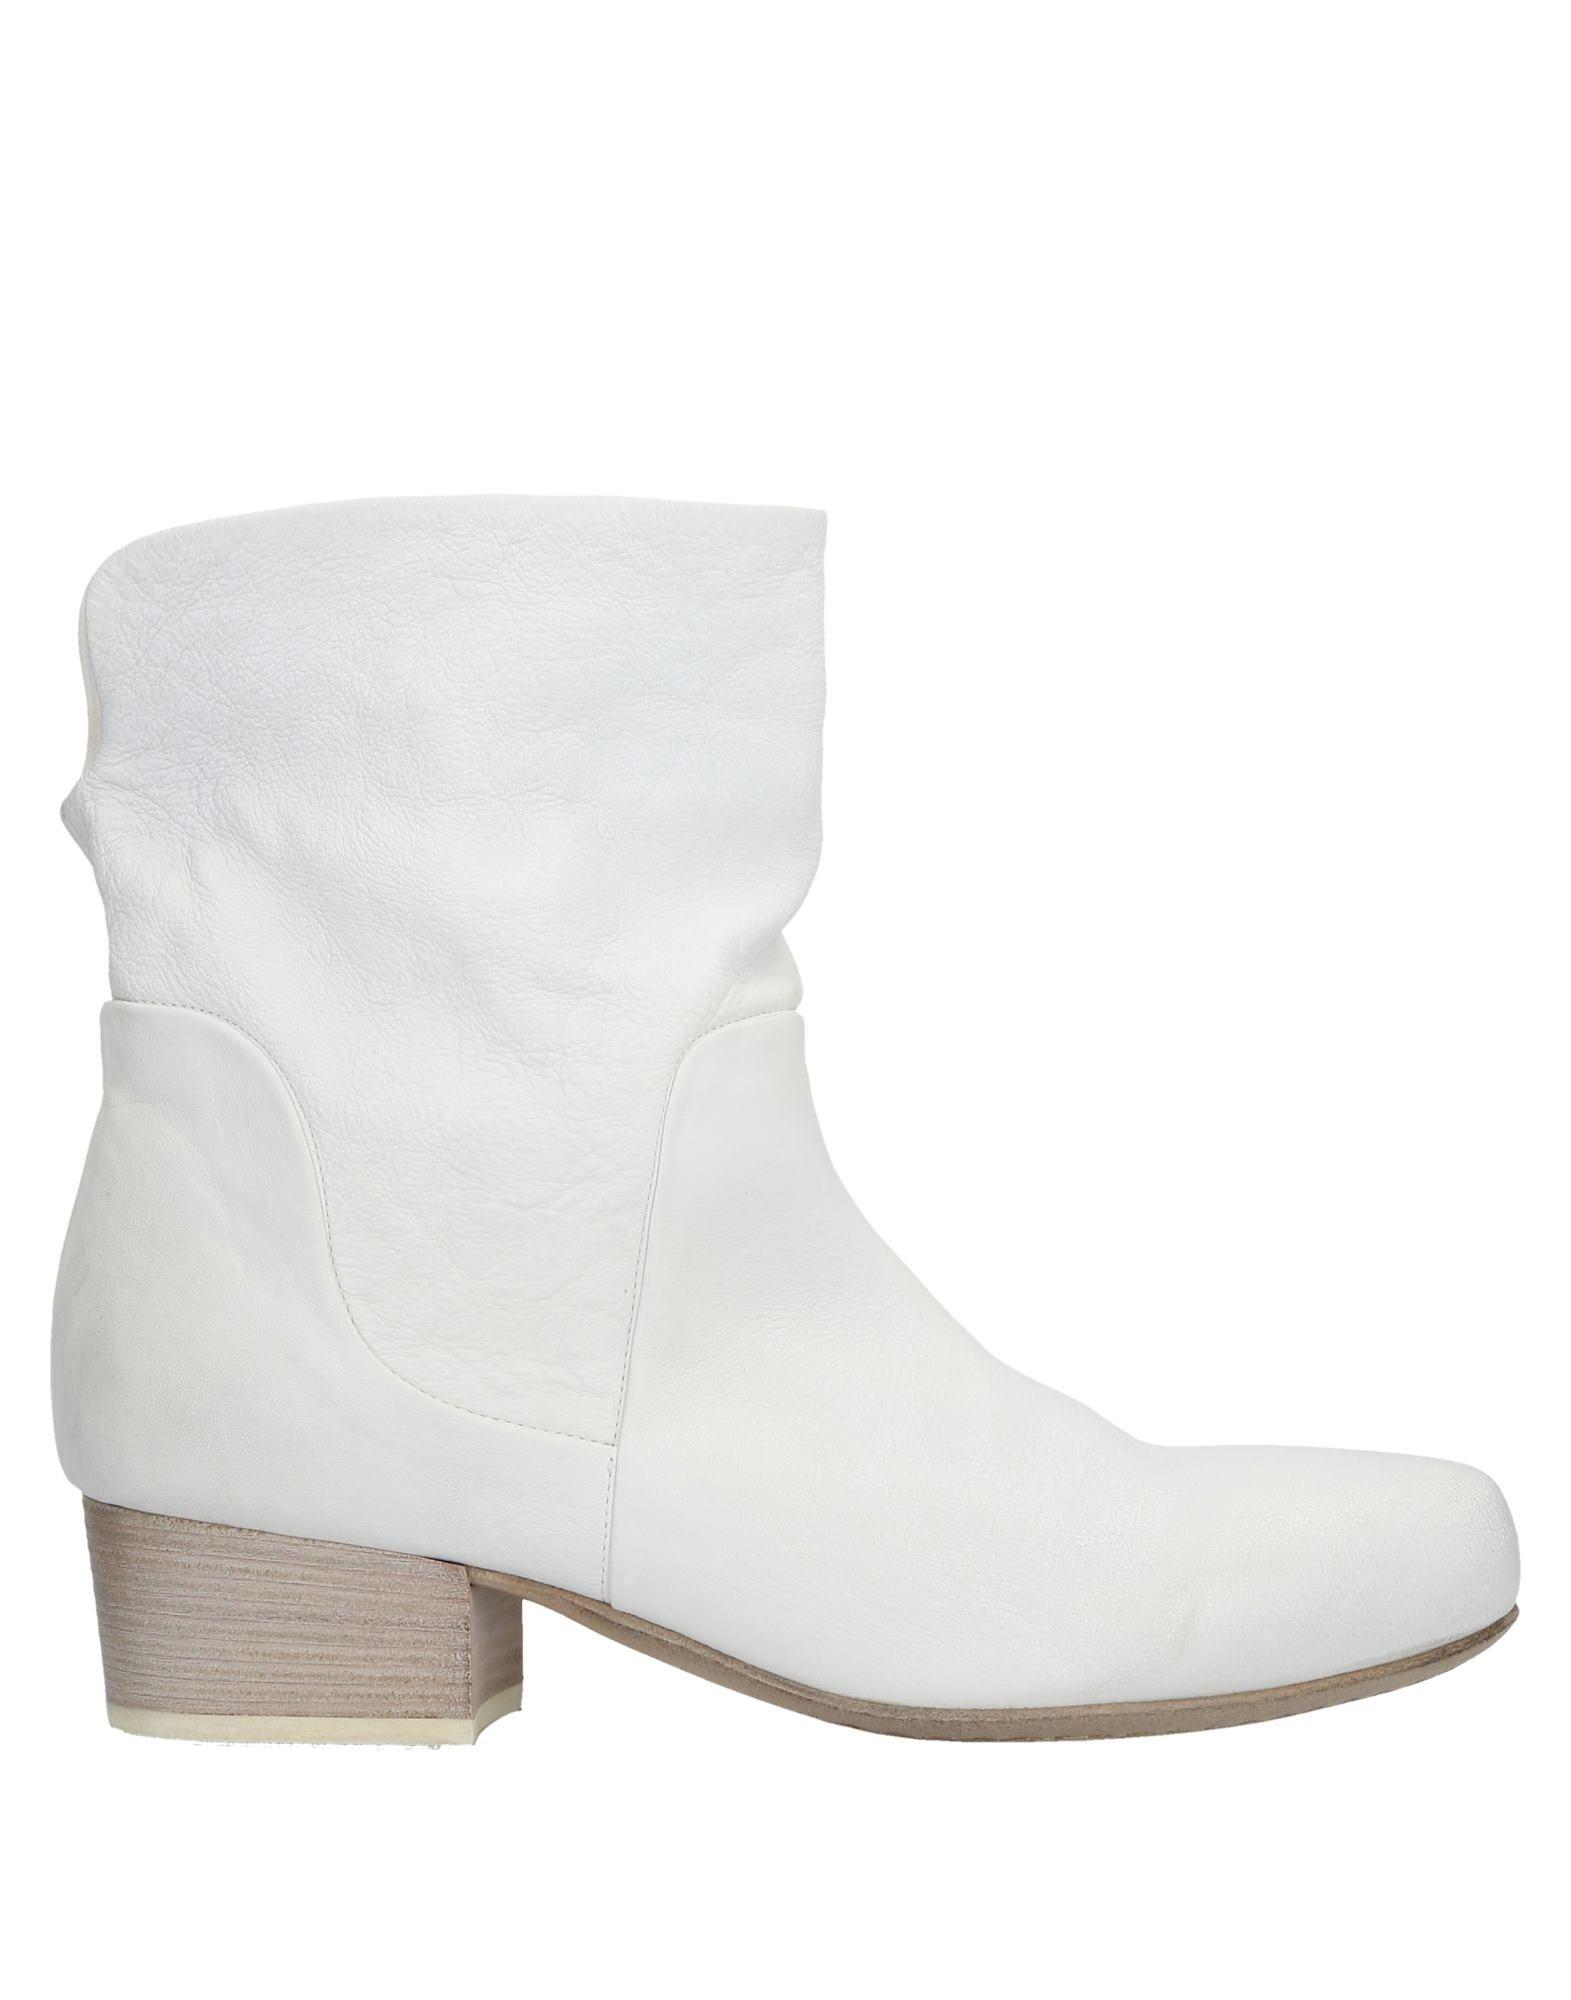 Settima Stiefelette Damen  11539476LSGut aussehende strapazierfähige Schuhe